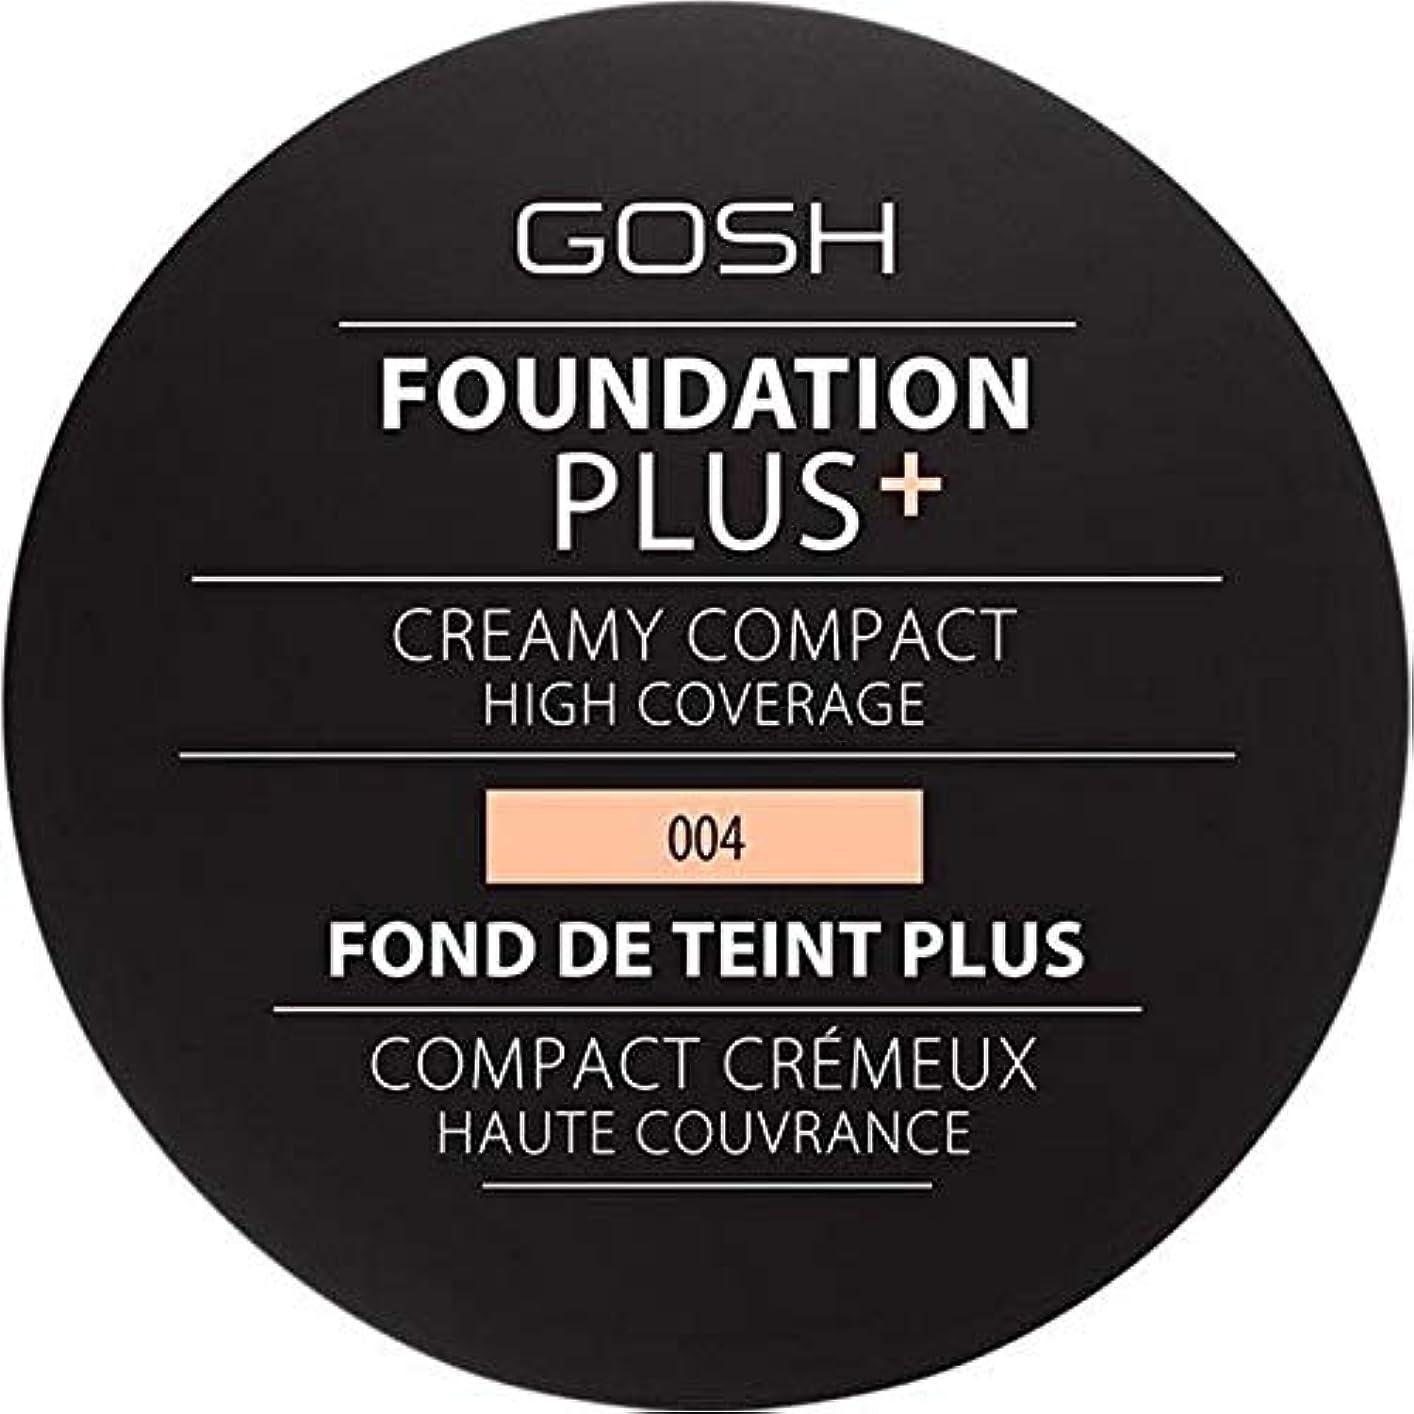 作り上げるチーム書誌[GOSH ] 基礎プラス+クリーミーコンパクトな自然004 - Foundation Plus+ Creamy Compact Natural 004 [並行輸入品]